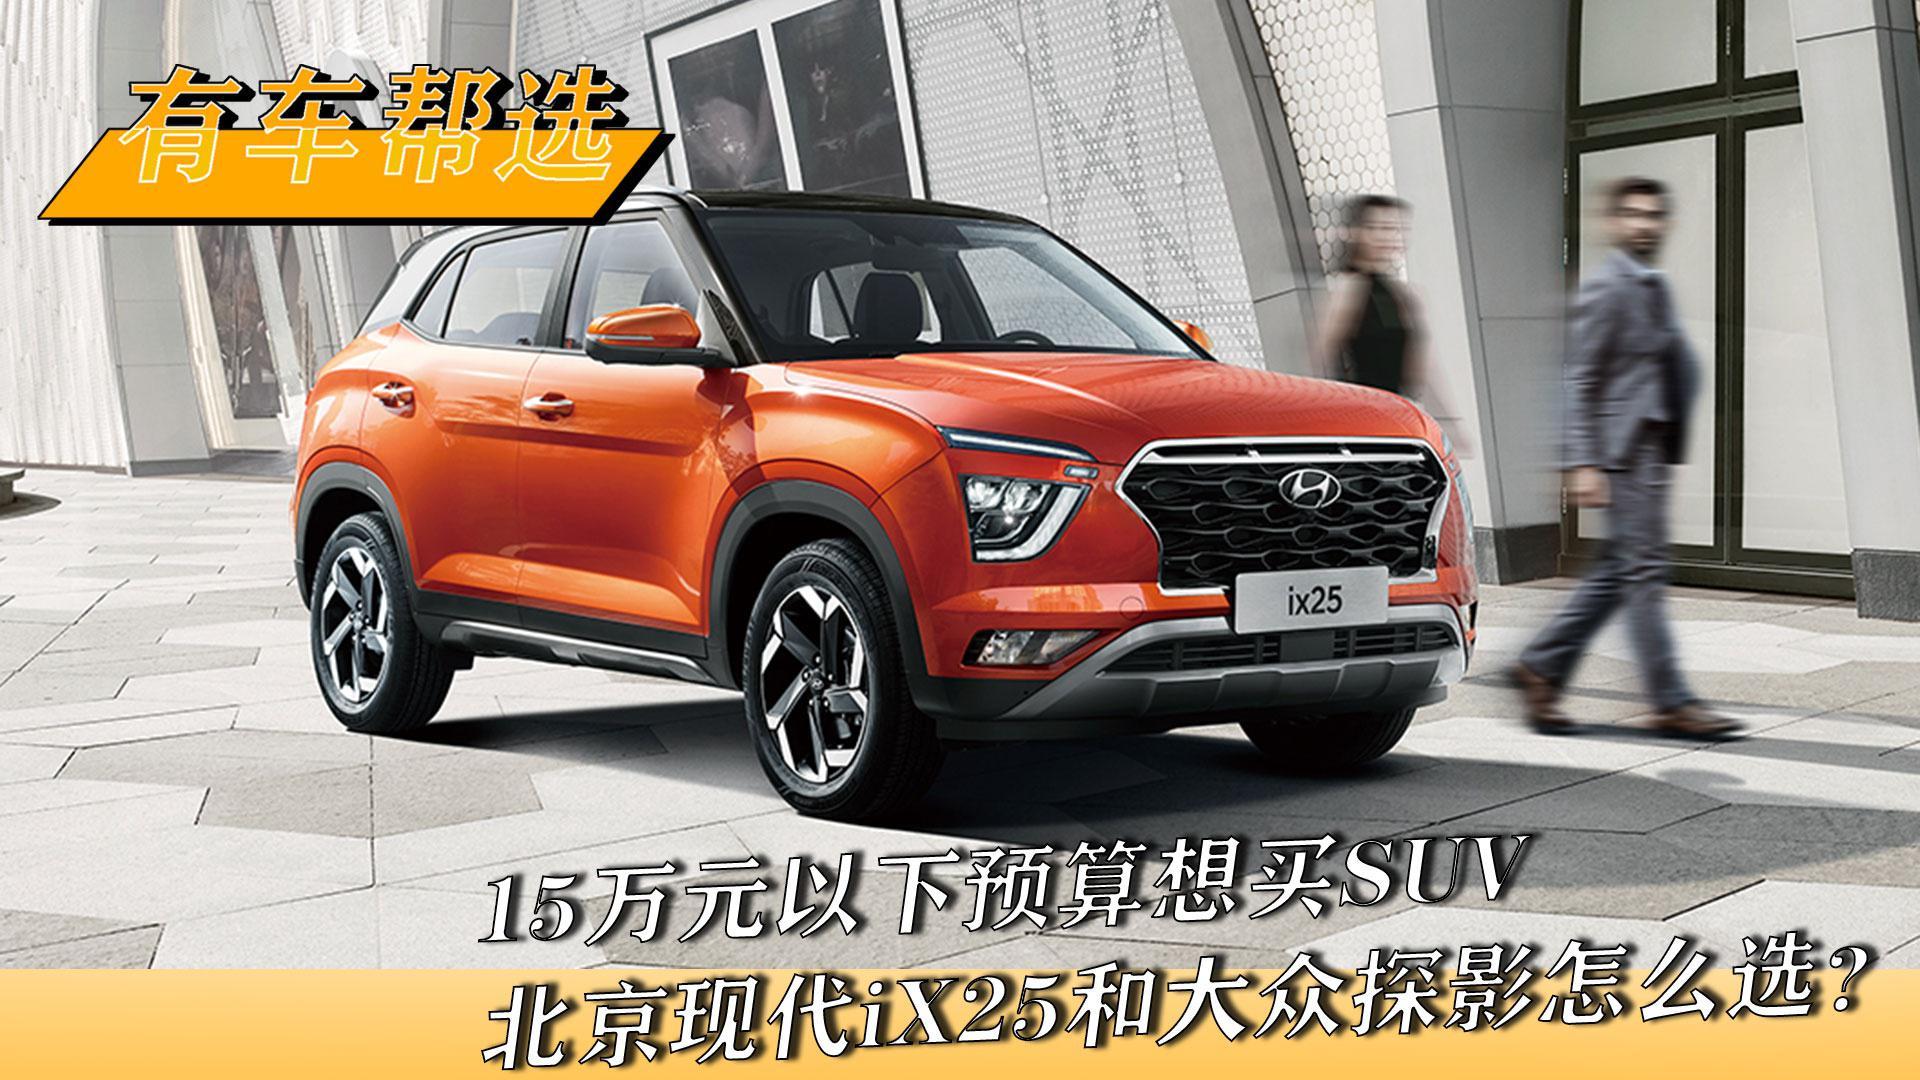 视频:15万以下预算想买SUV 北京现代iX25和大众探影怎么选?